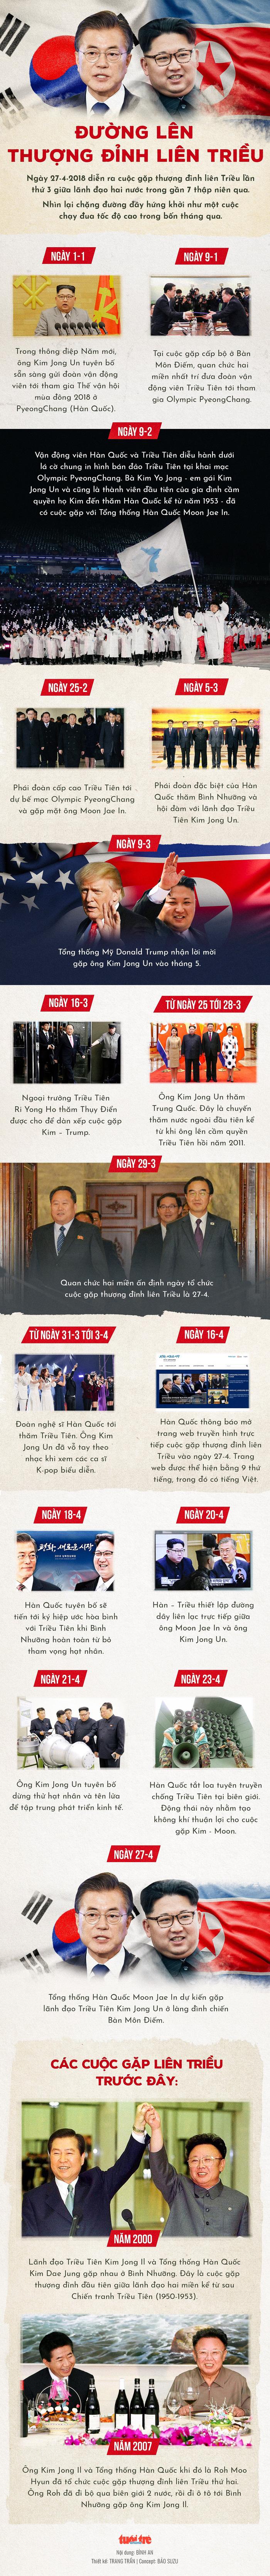 Hàn Quốc - Triều Tiên cùng tuyên bố sẽ không còn chiến tranh - Ảnh 7.